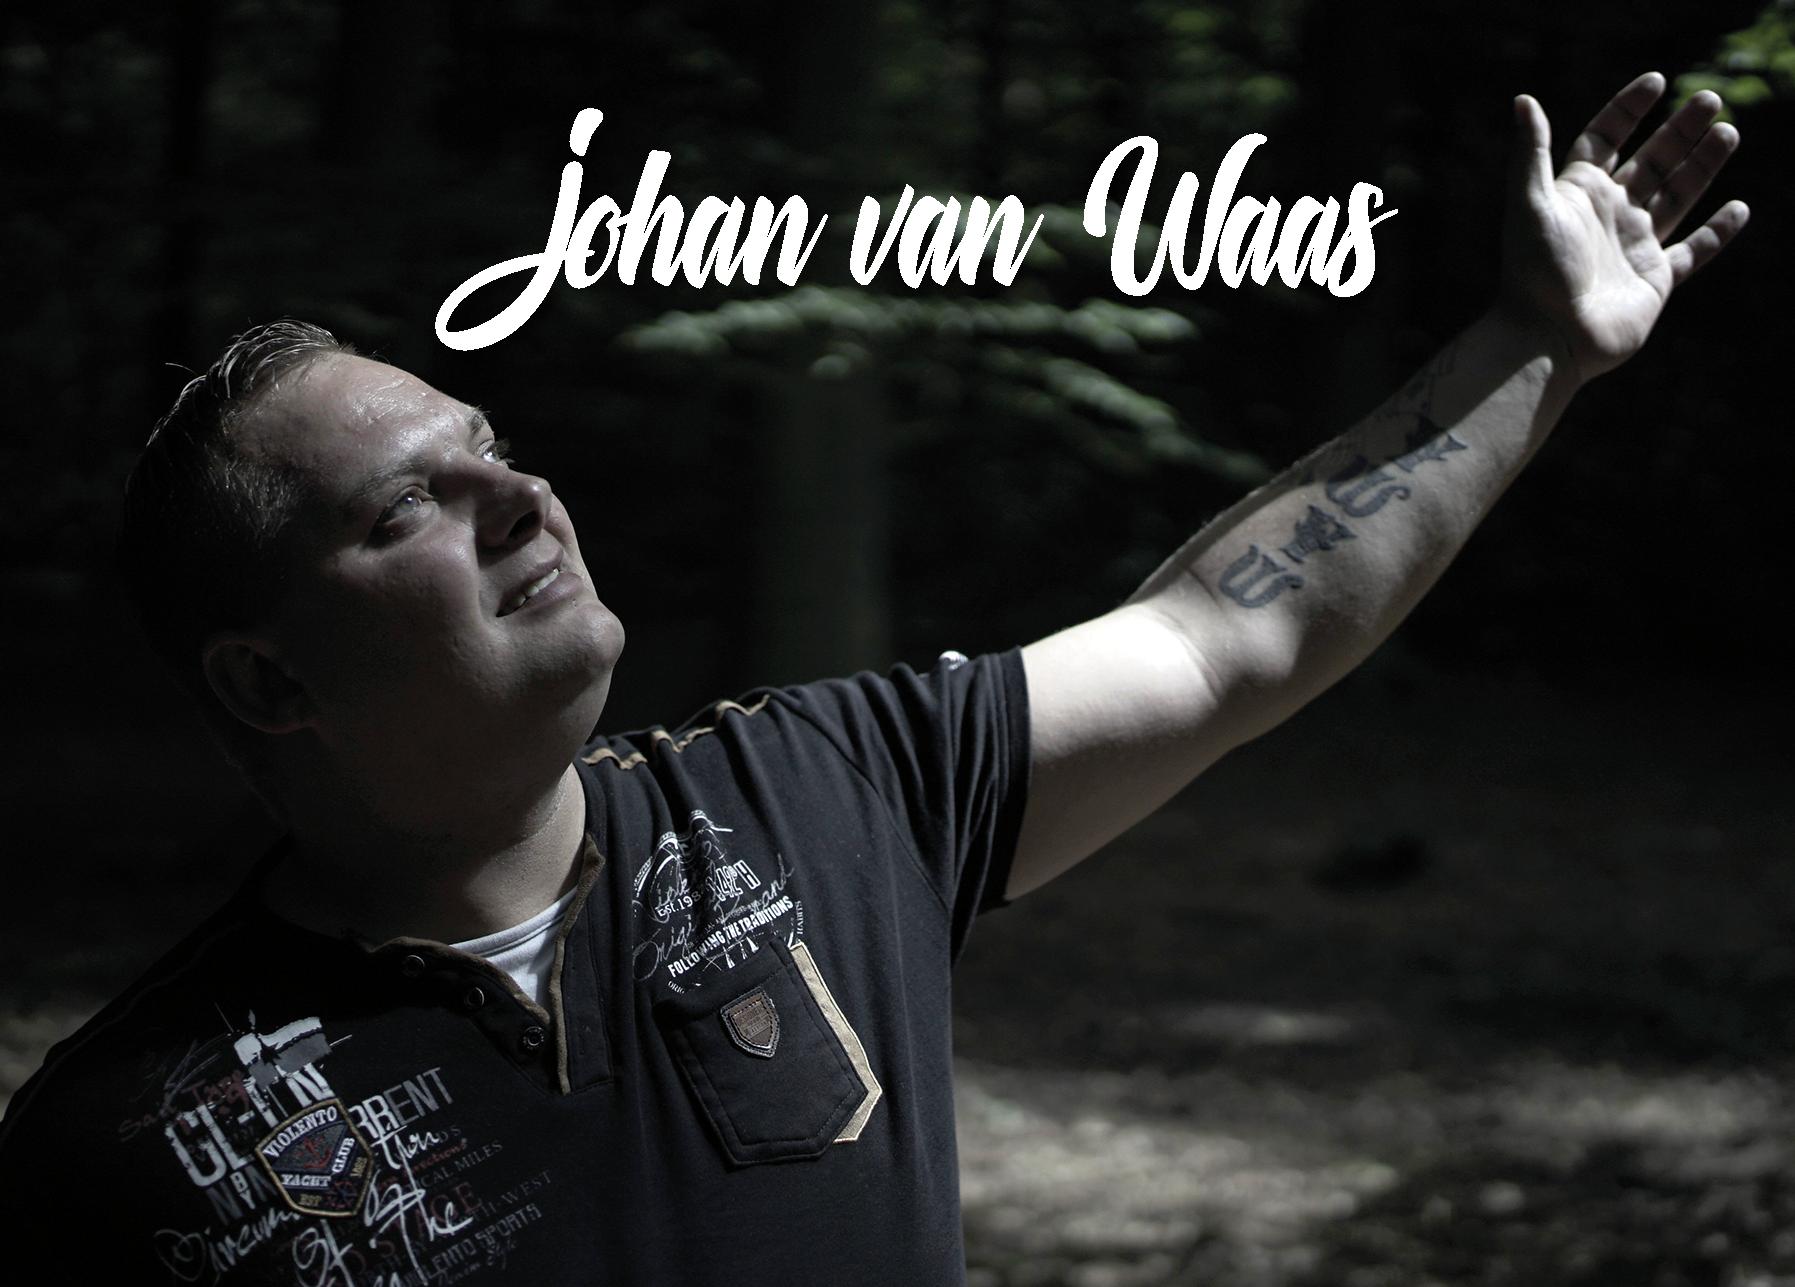 Double-You-Music-NL-Johan-van-Waas-Fotokaart-Voorkant